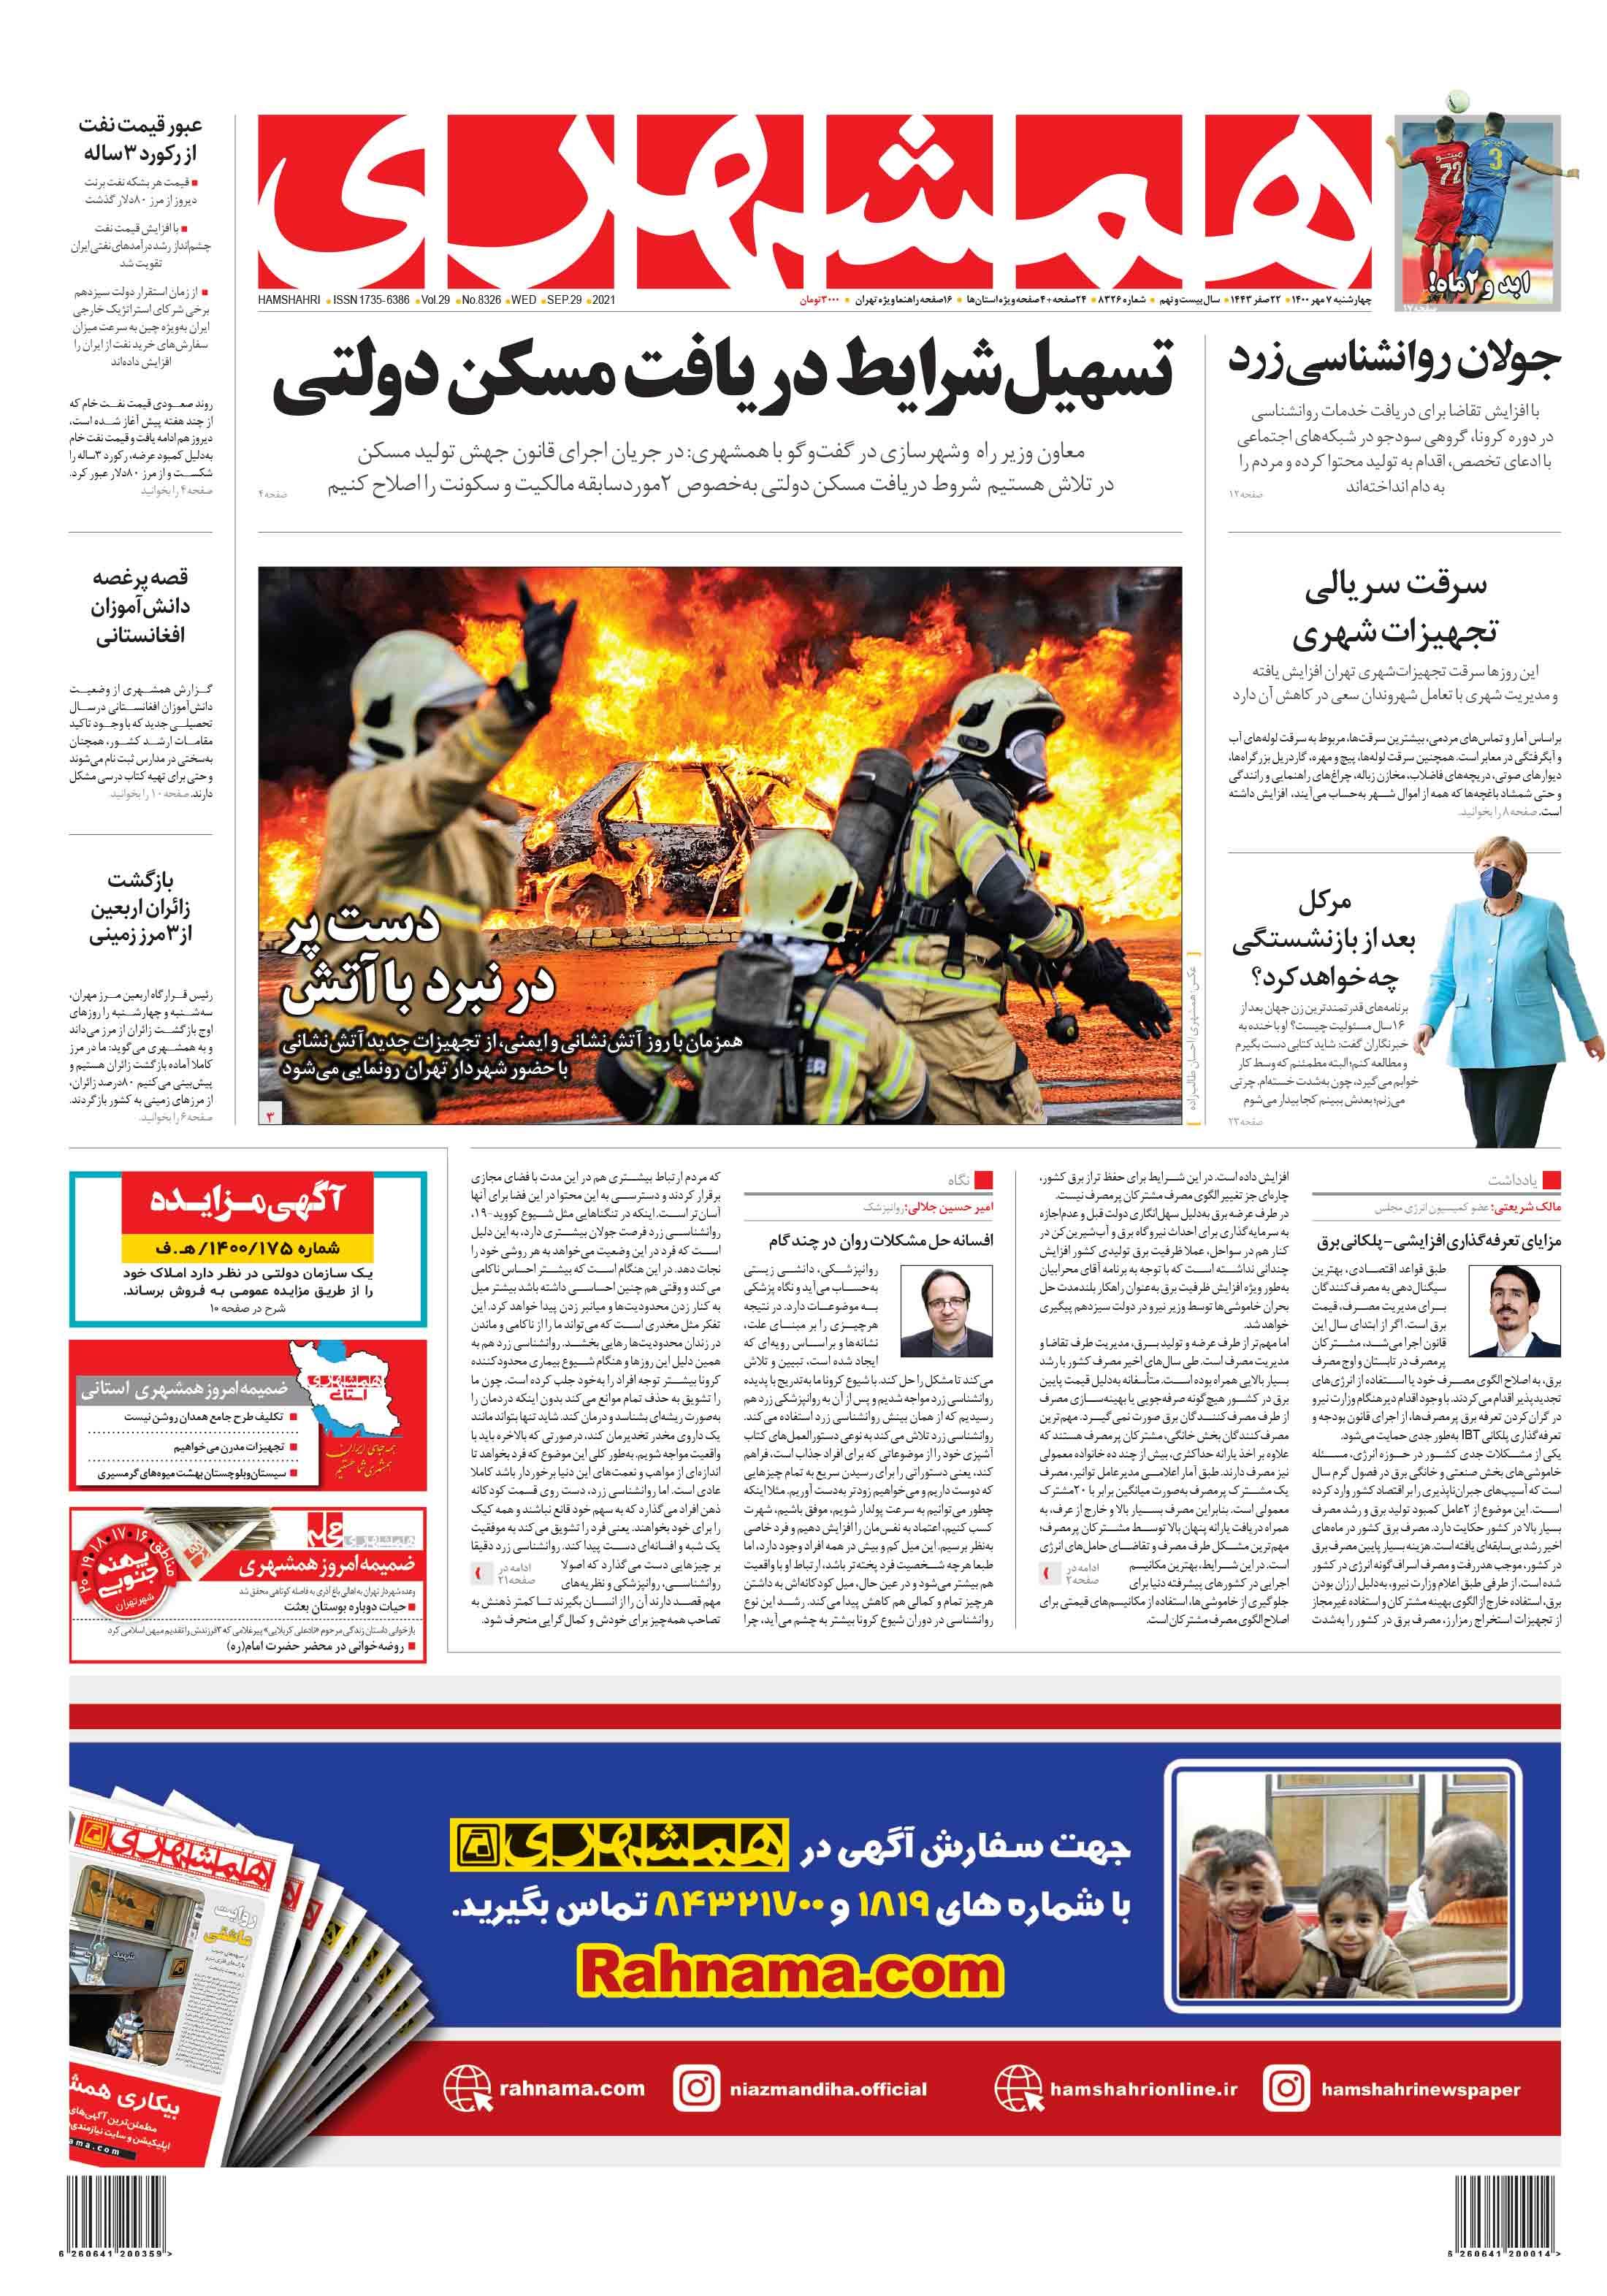 صفحه اول چهارشنبه 7 مهر 1400